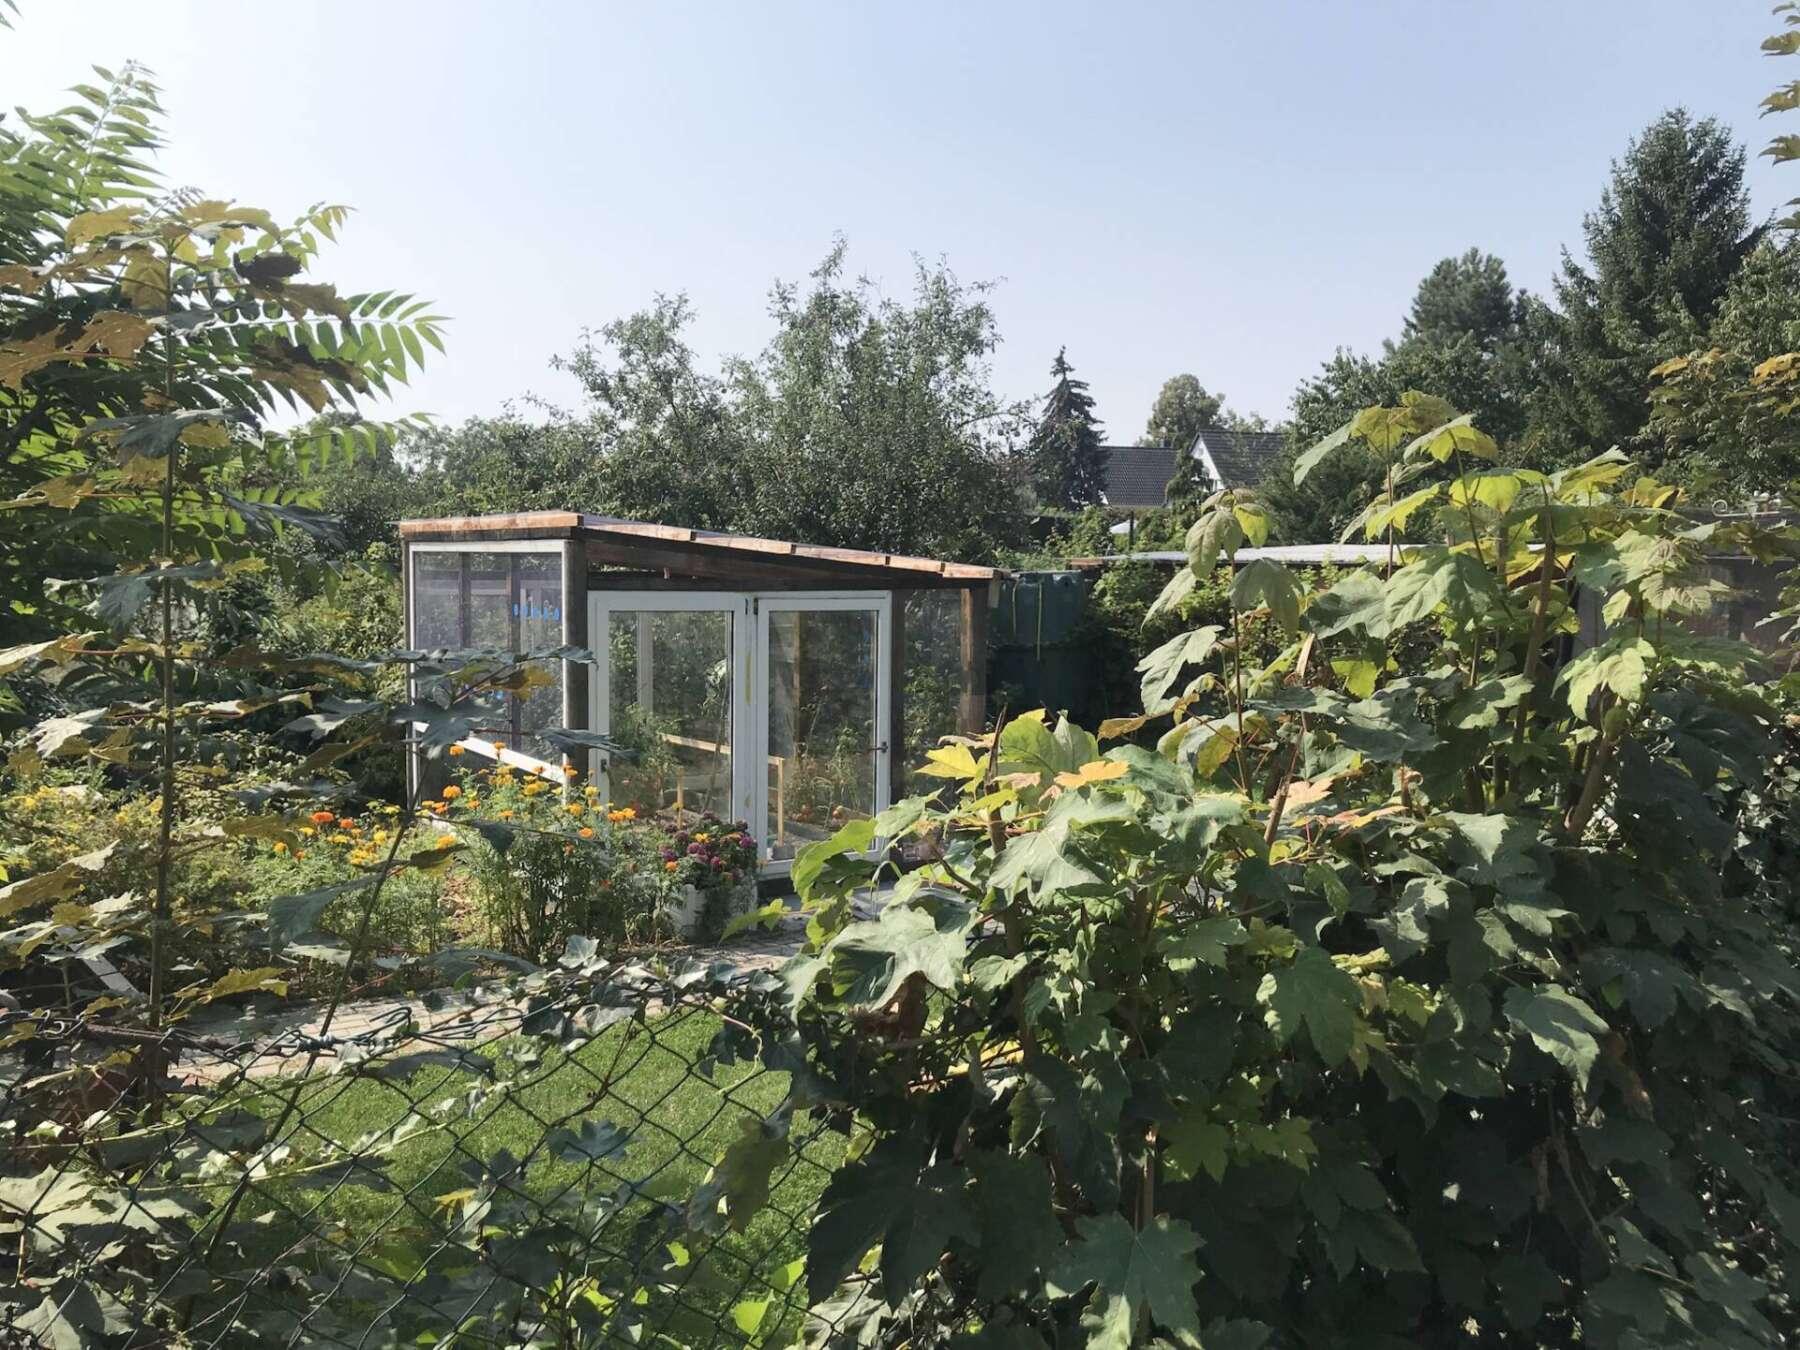 บ้านเล็กในสวนของคนไลพ์ซิก